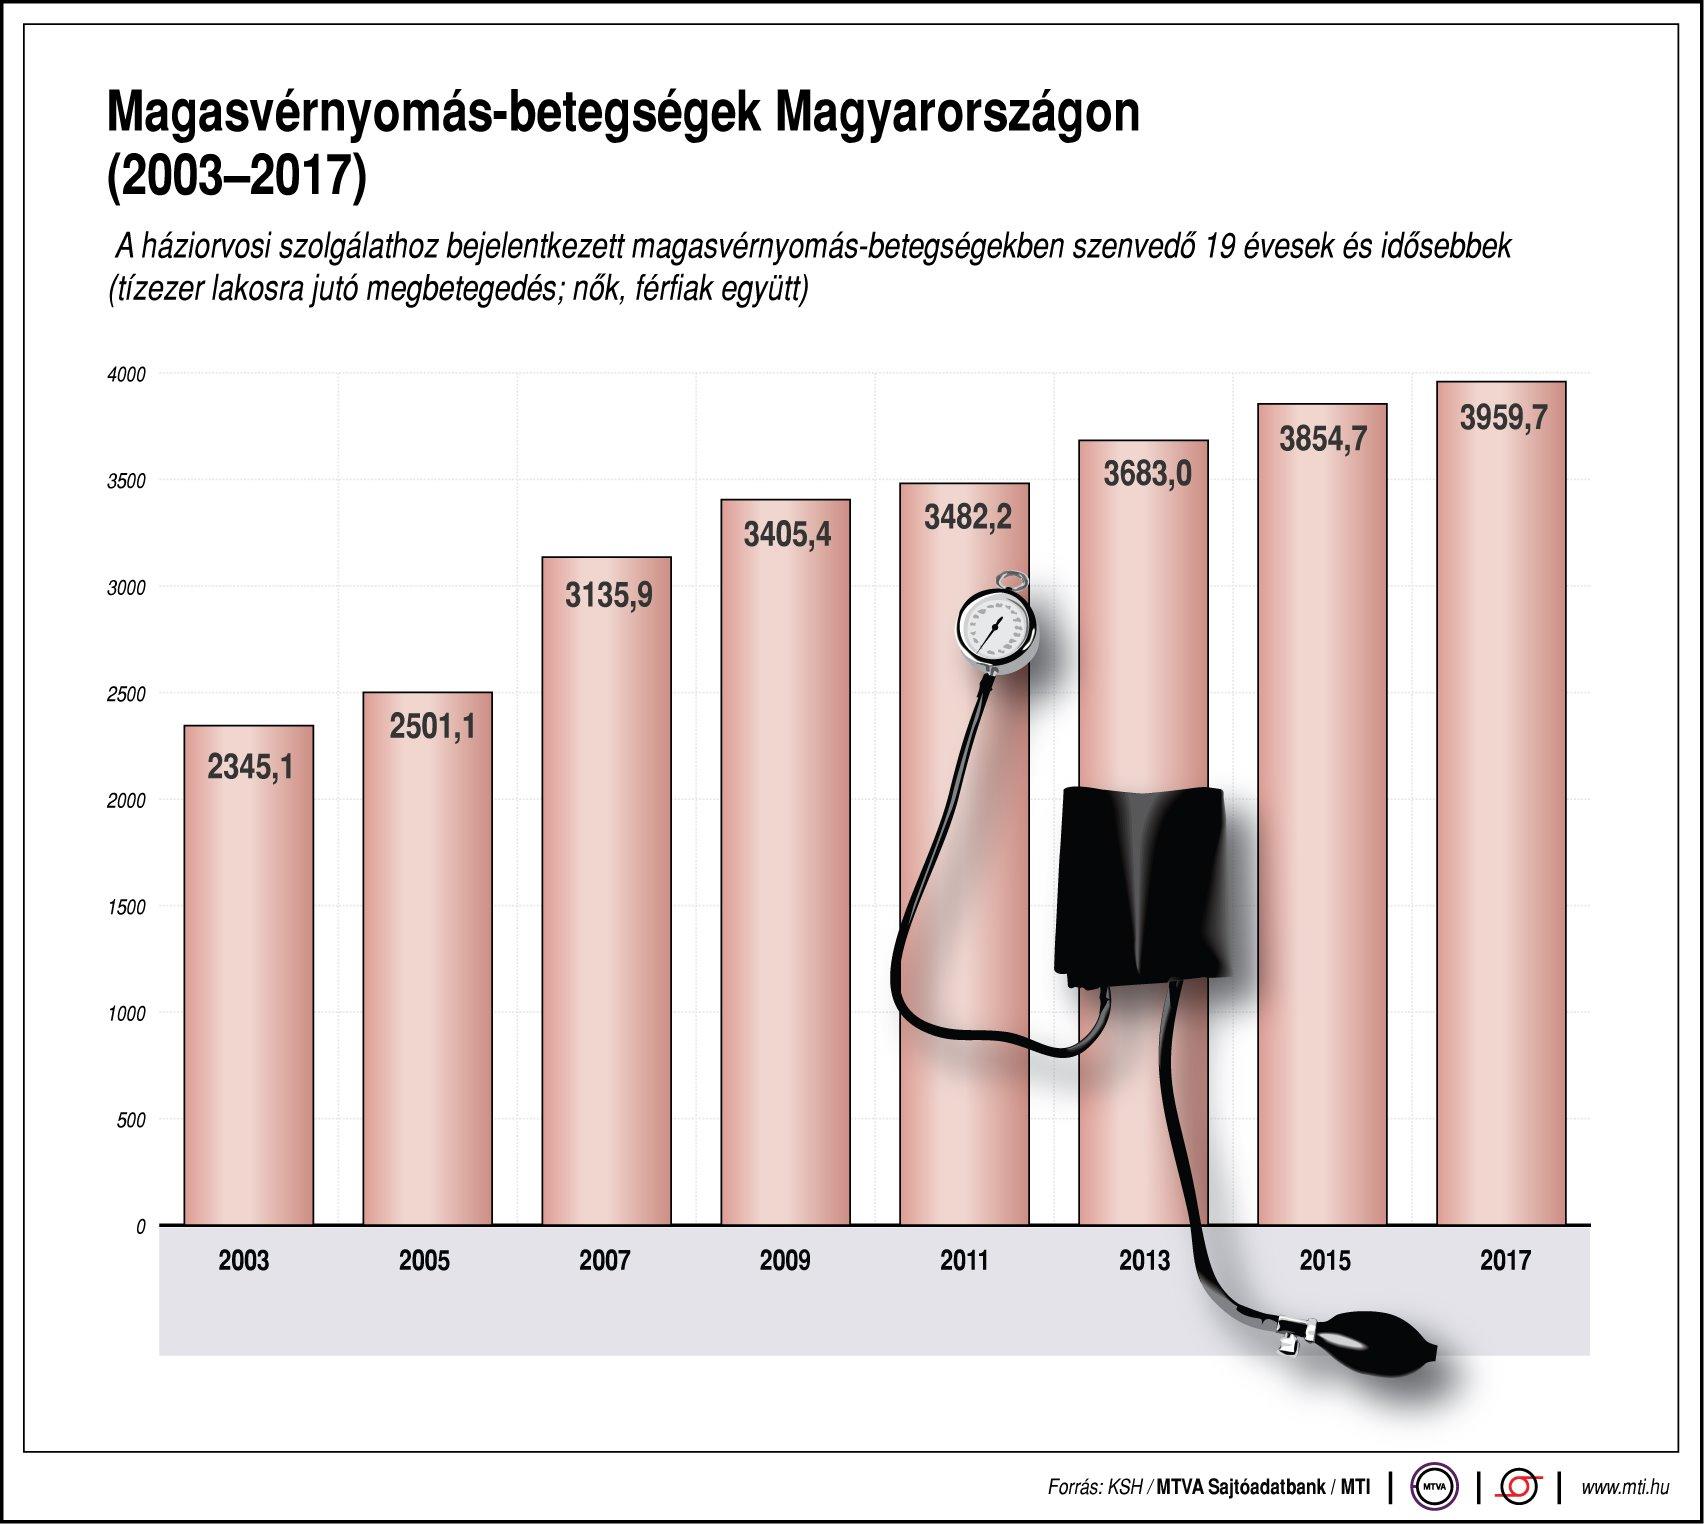 magas vérnyomás okozta halálozások